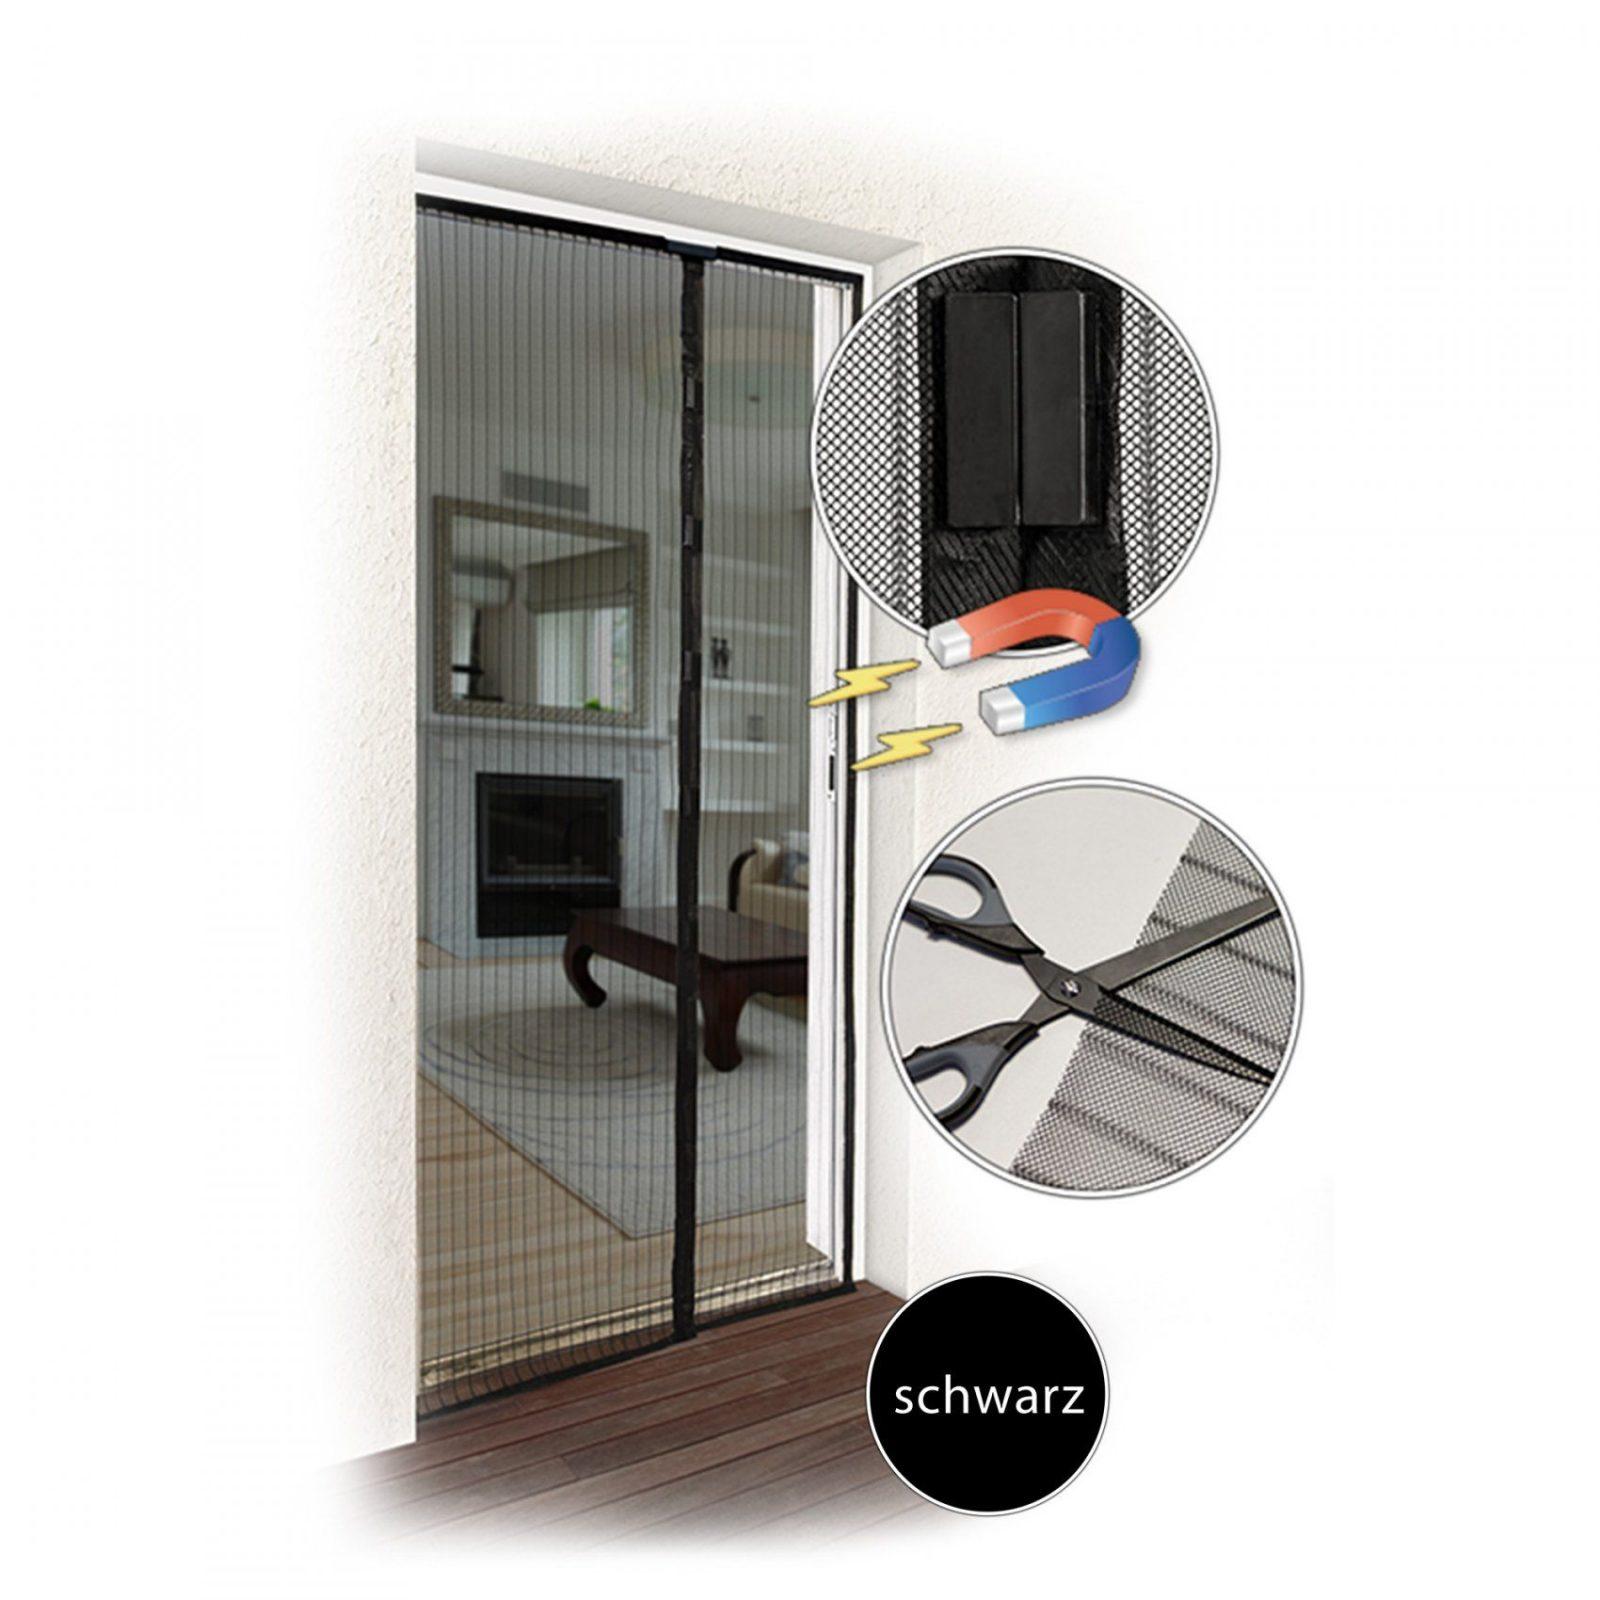 Balkontür Netz Magnetvorhang Fliegenschutz Mücken Insektenschutz von Fliegengitter Magnetvorhang Für Türen Bild